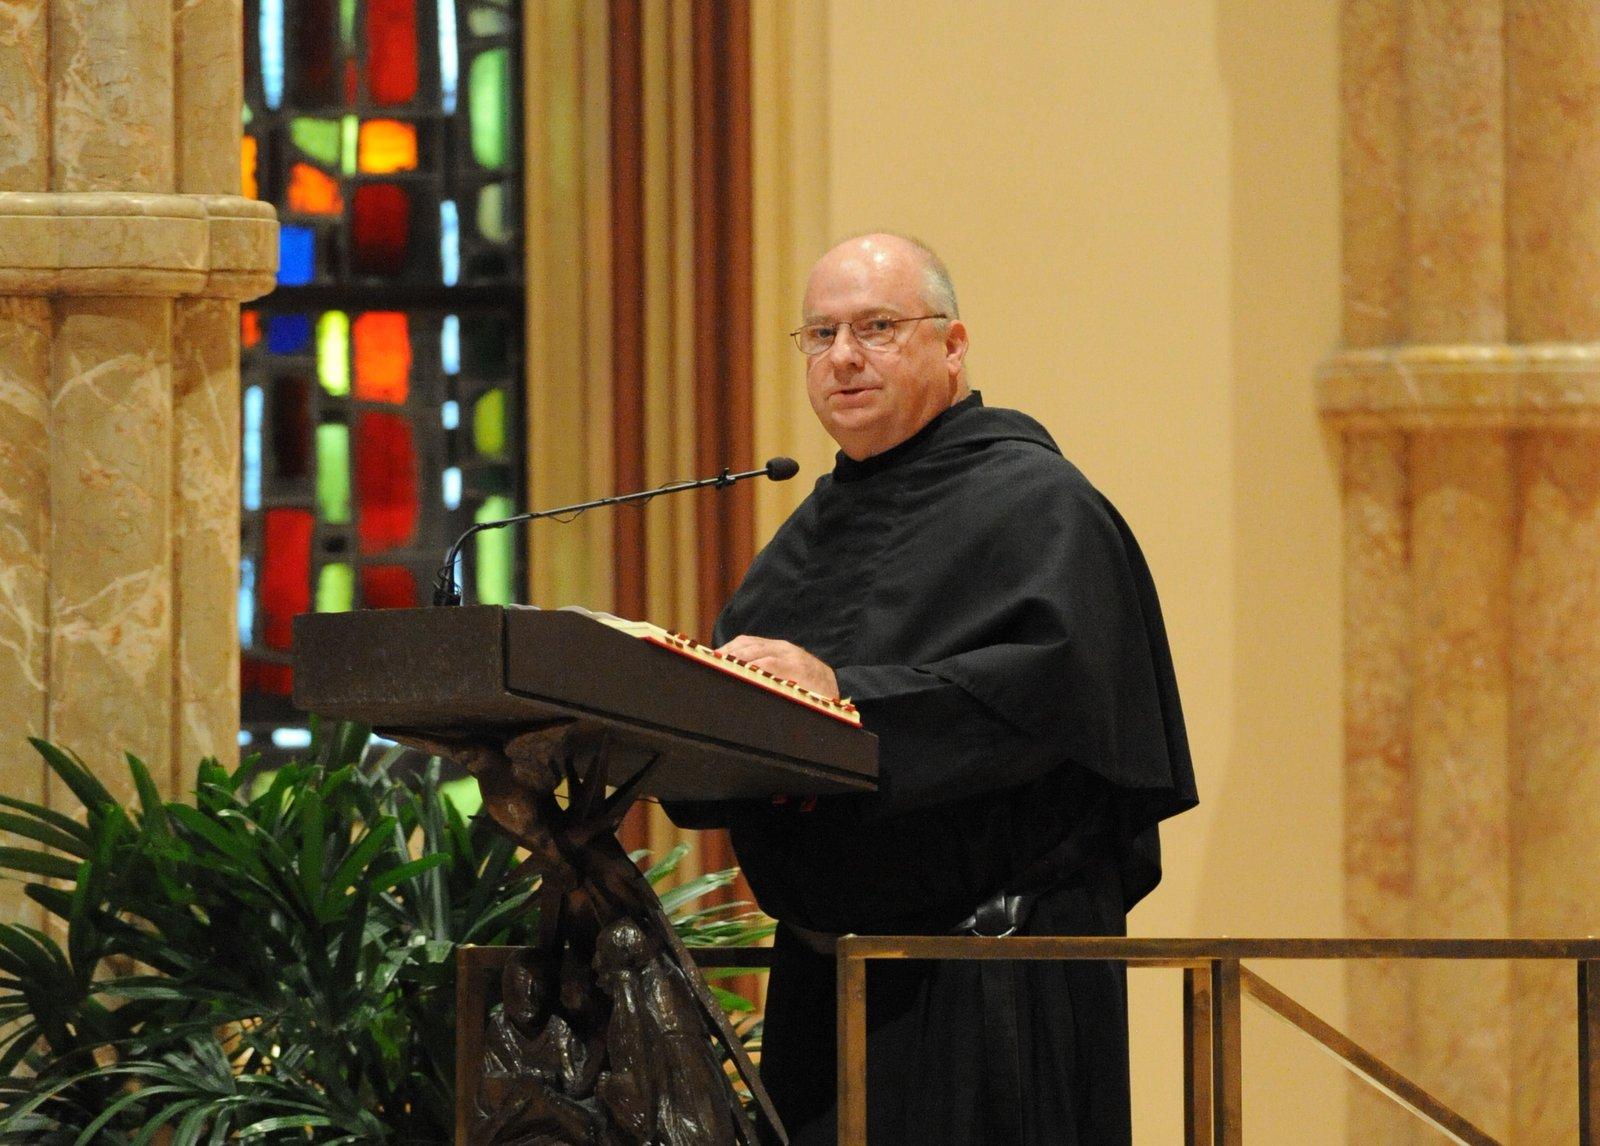 Brother Jack Hibbard, OSA at Holy Name Cathedral